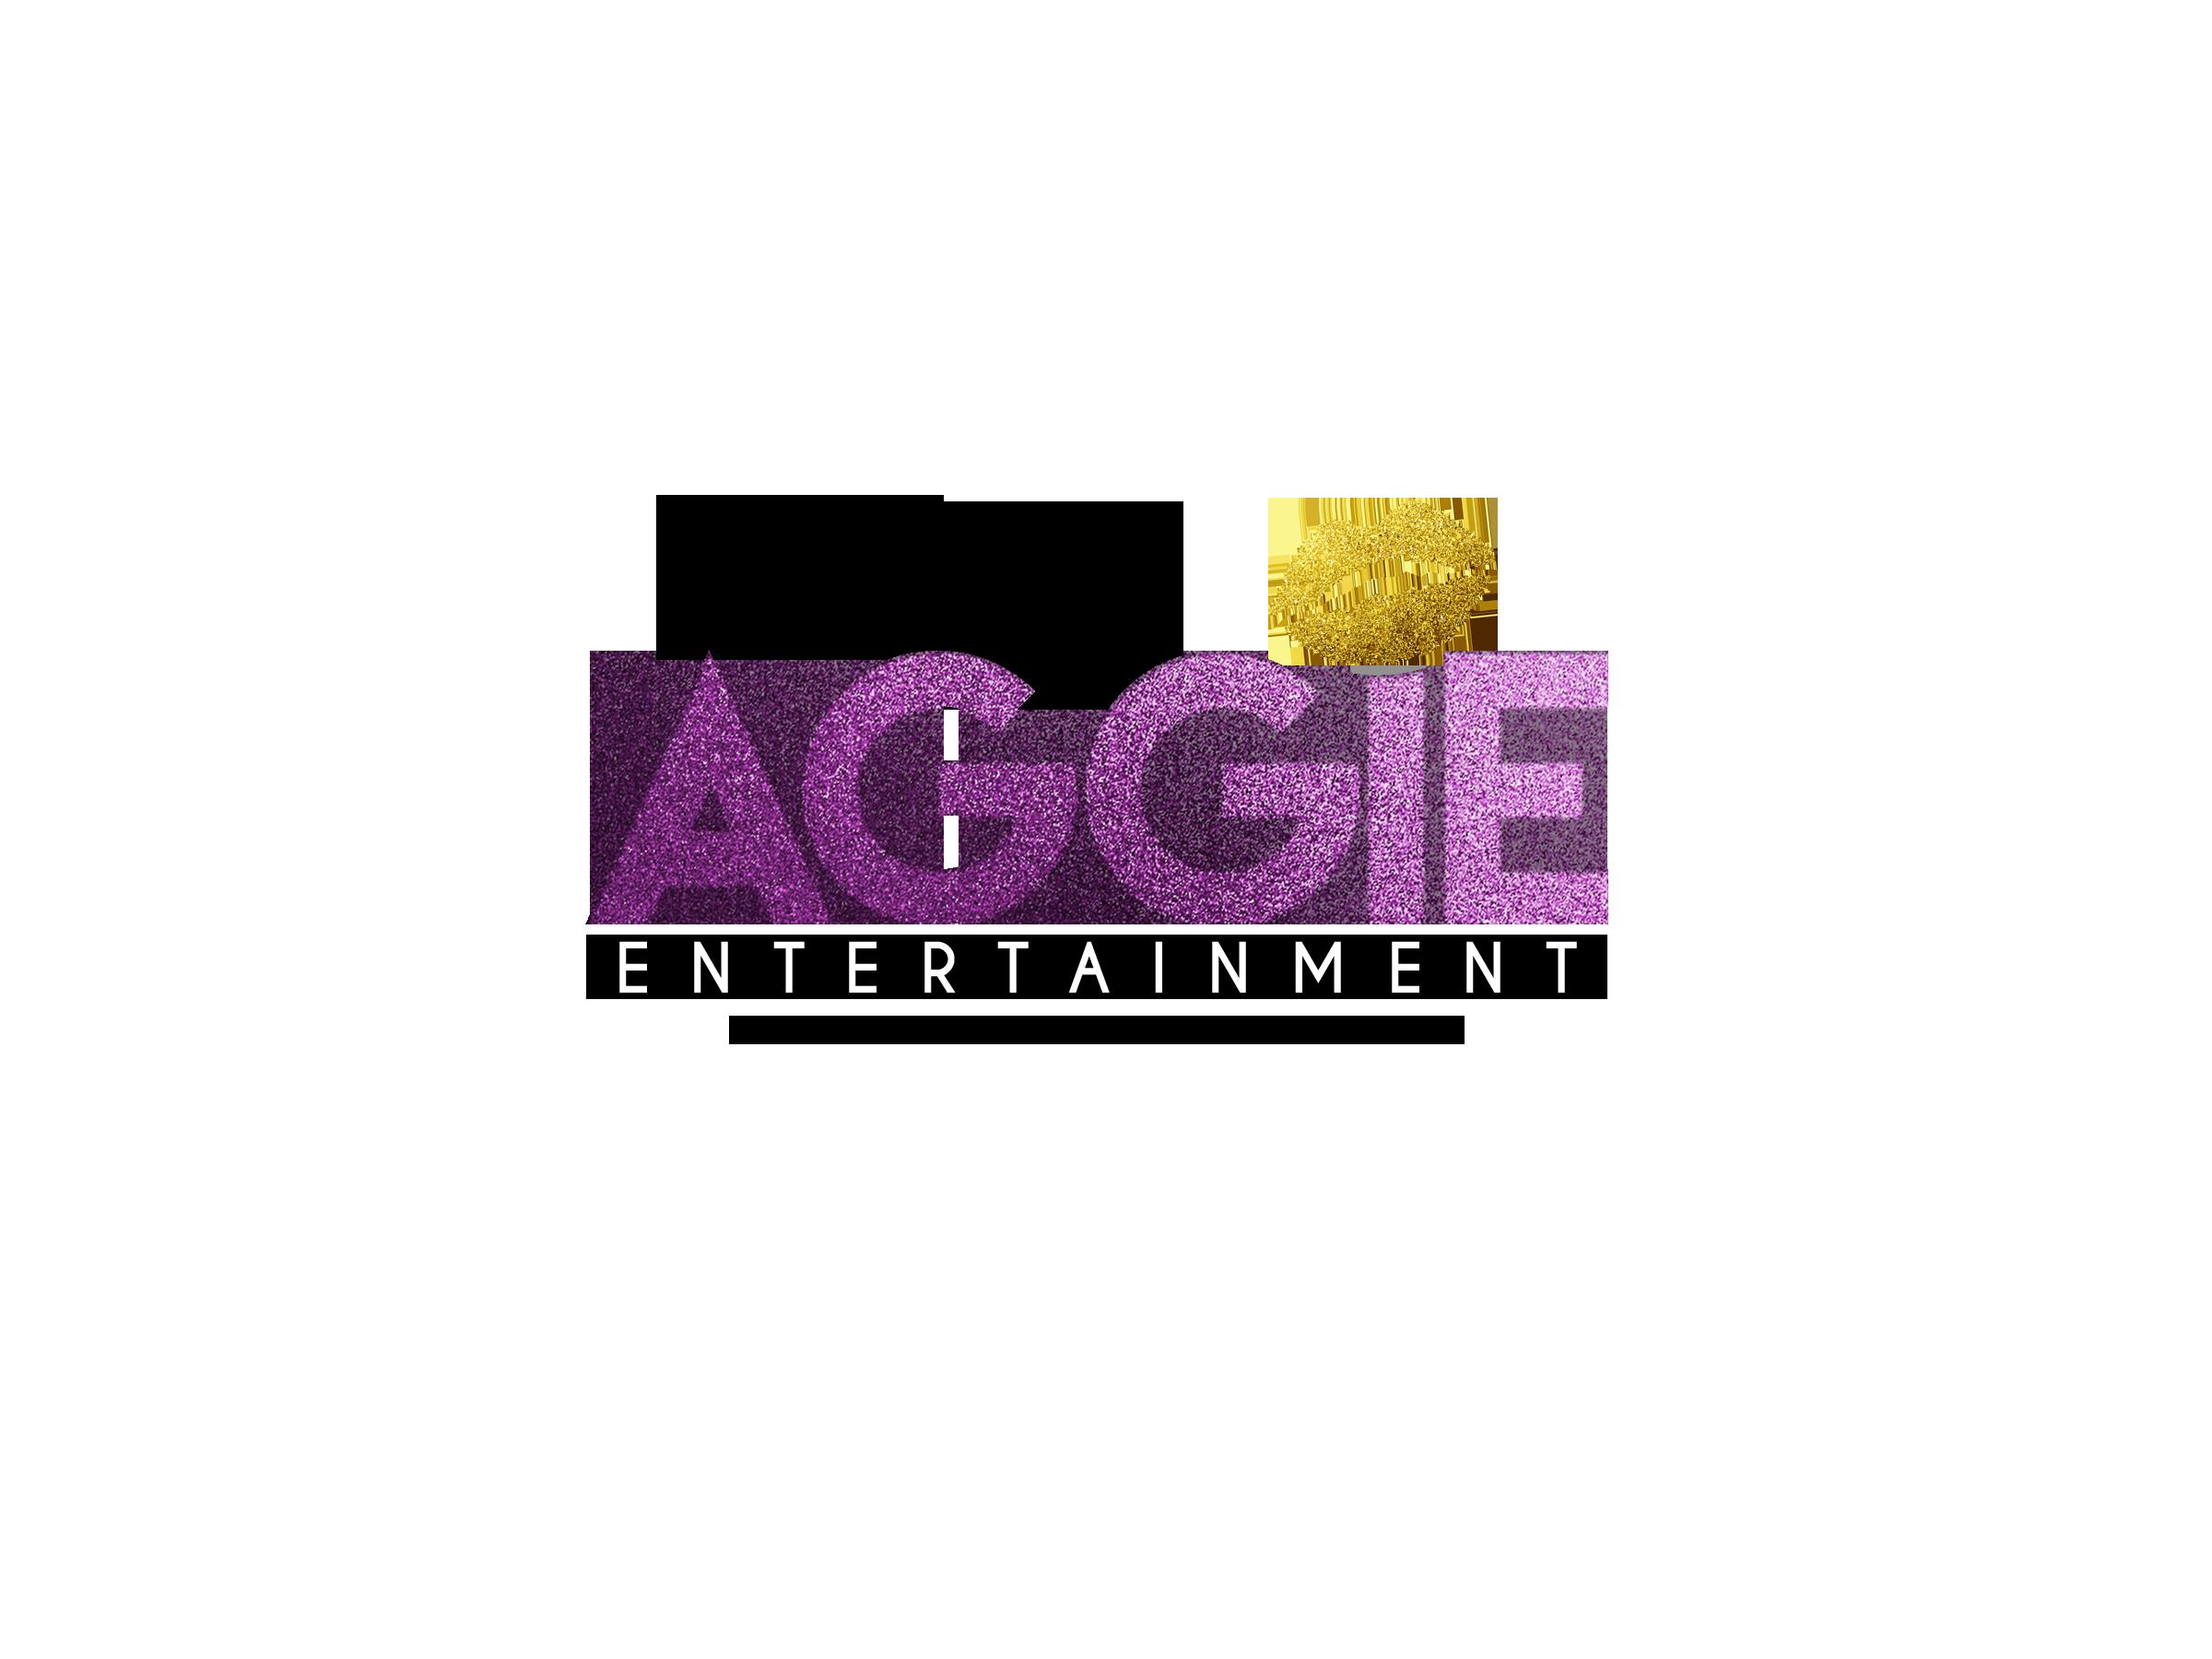 Kiss My Aggie